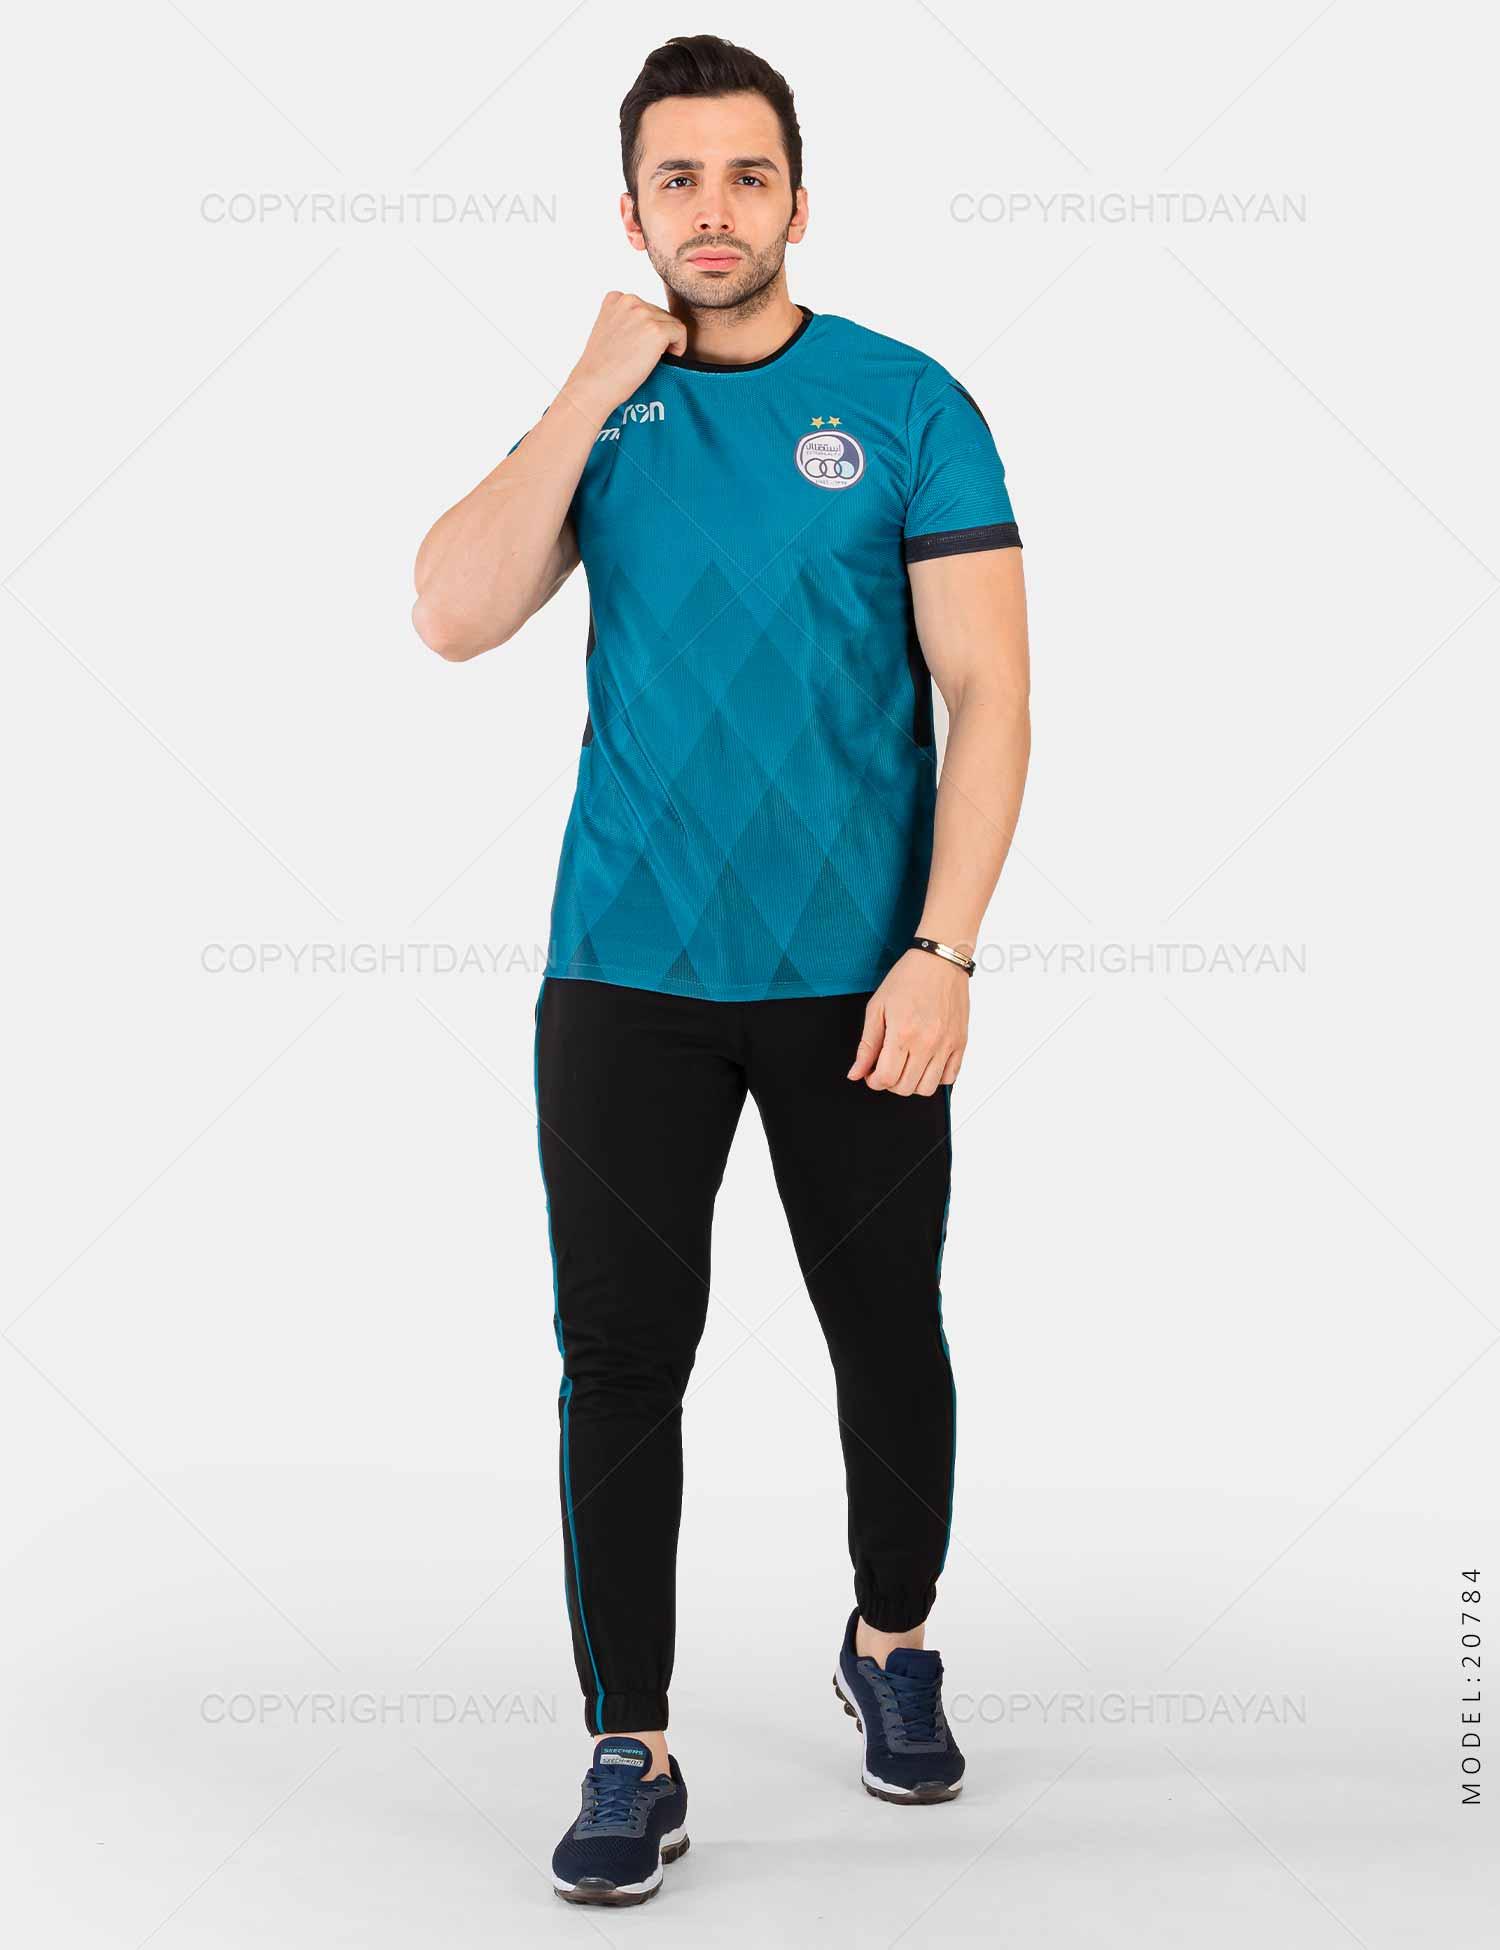 ست تیشرت و شلوار مردانه Esteghlal مدل 20784